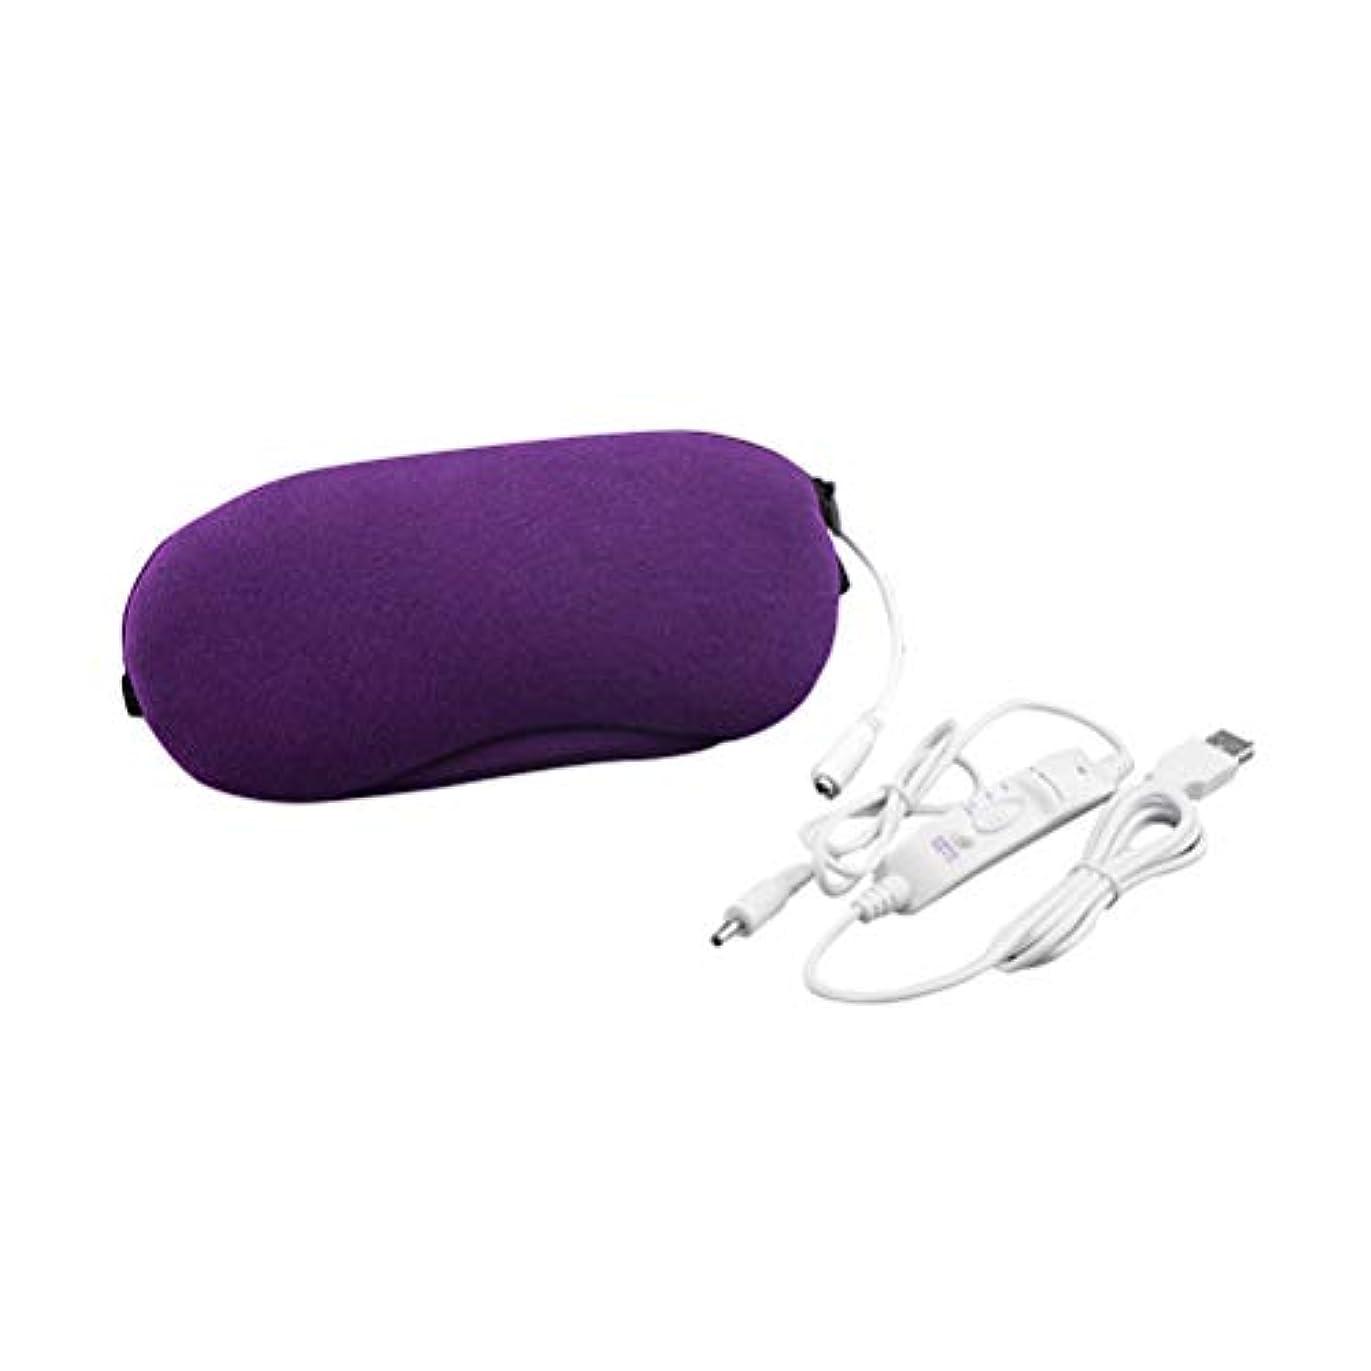 ズボンセクタ呪いHealifty アイマスク 蒸気ホットアイマスク USB 加熱式 スリーピングアイマスク 温度とタイミング制御 吹き出物/乾燥/疲れた目(紫)